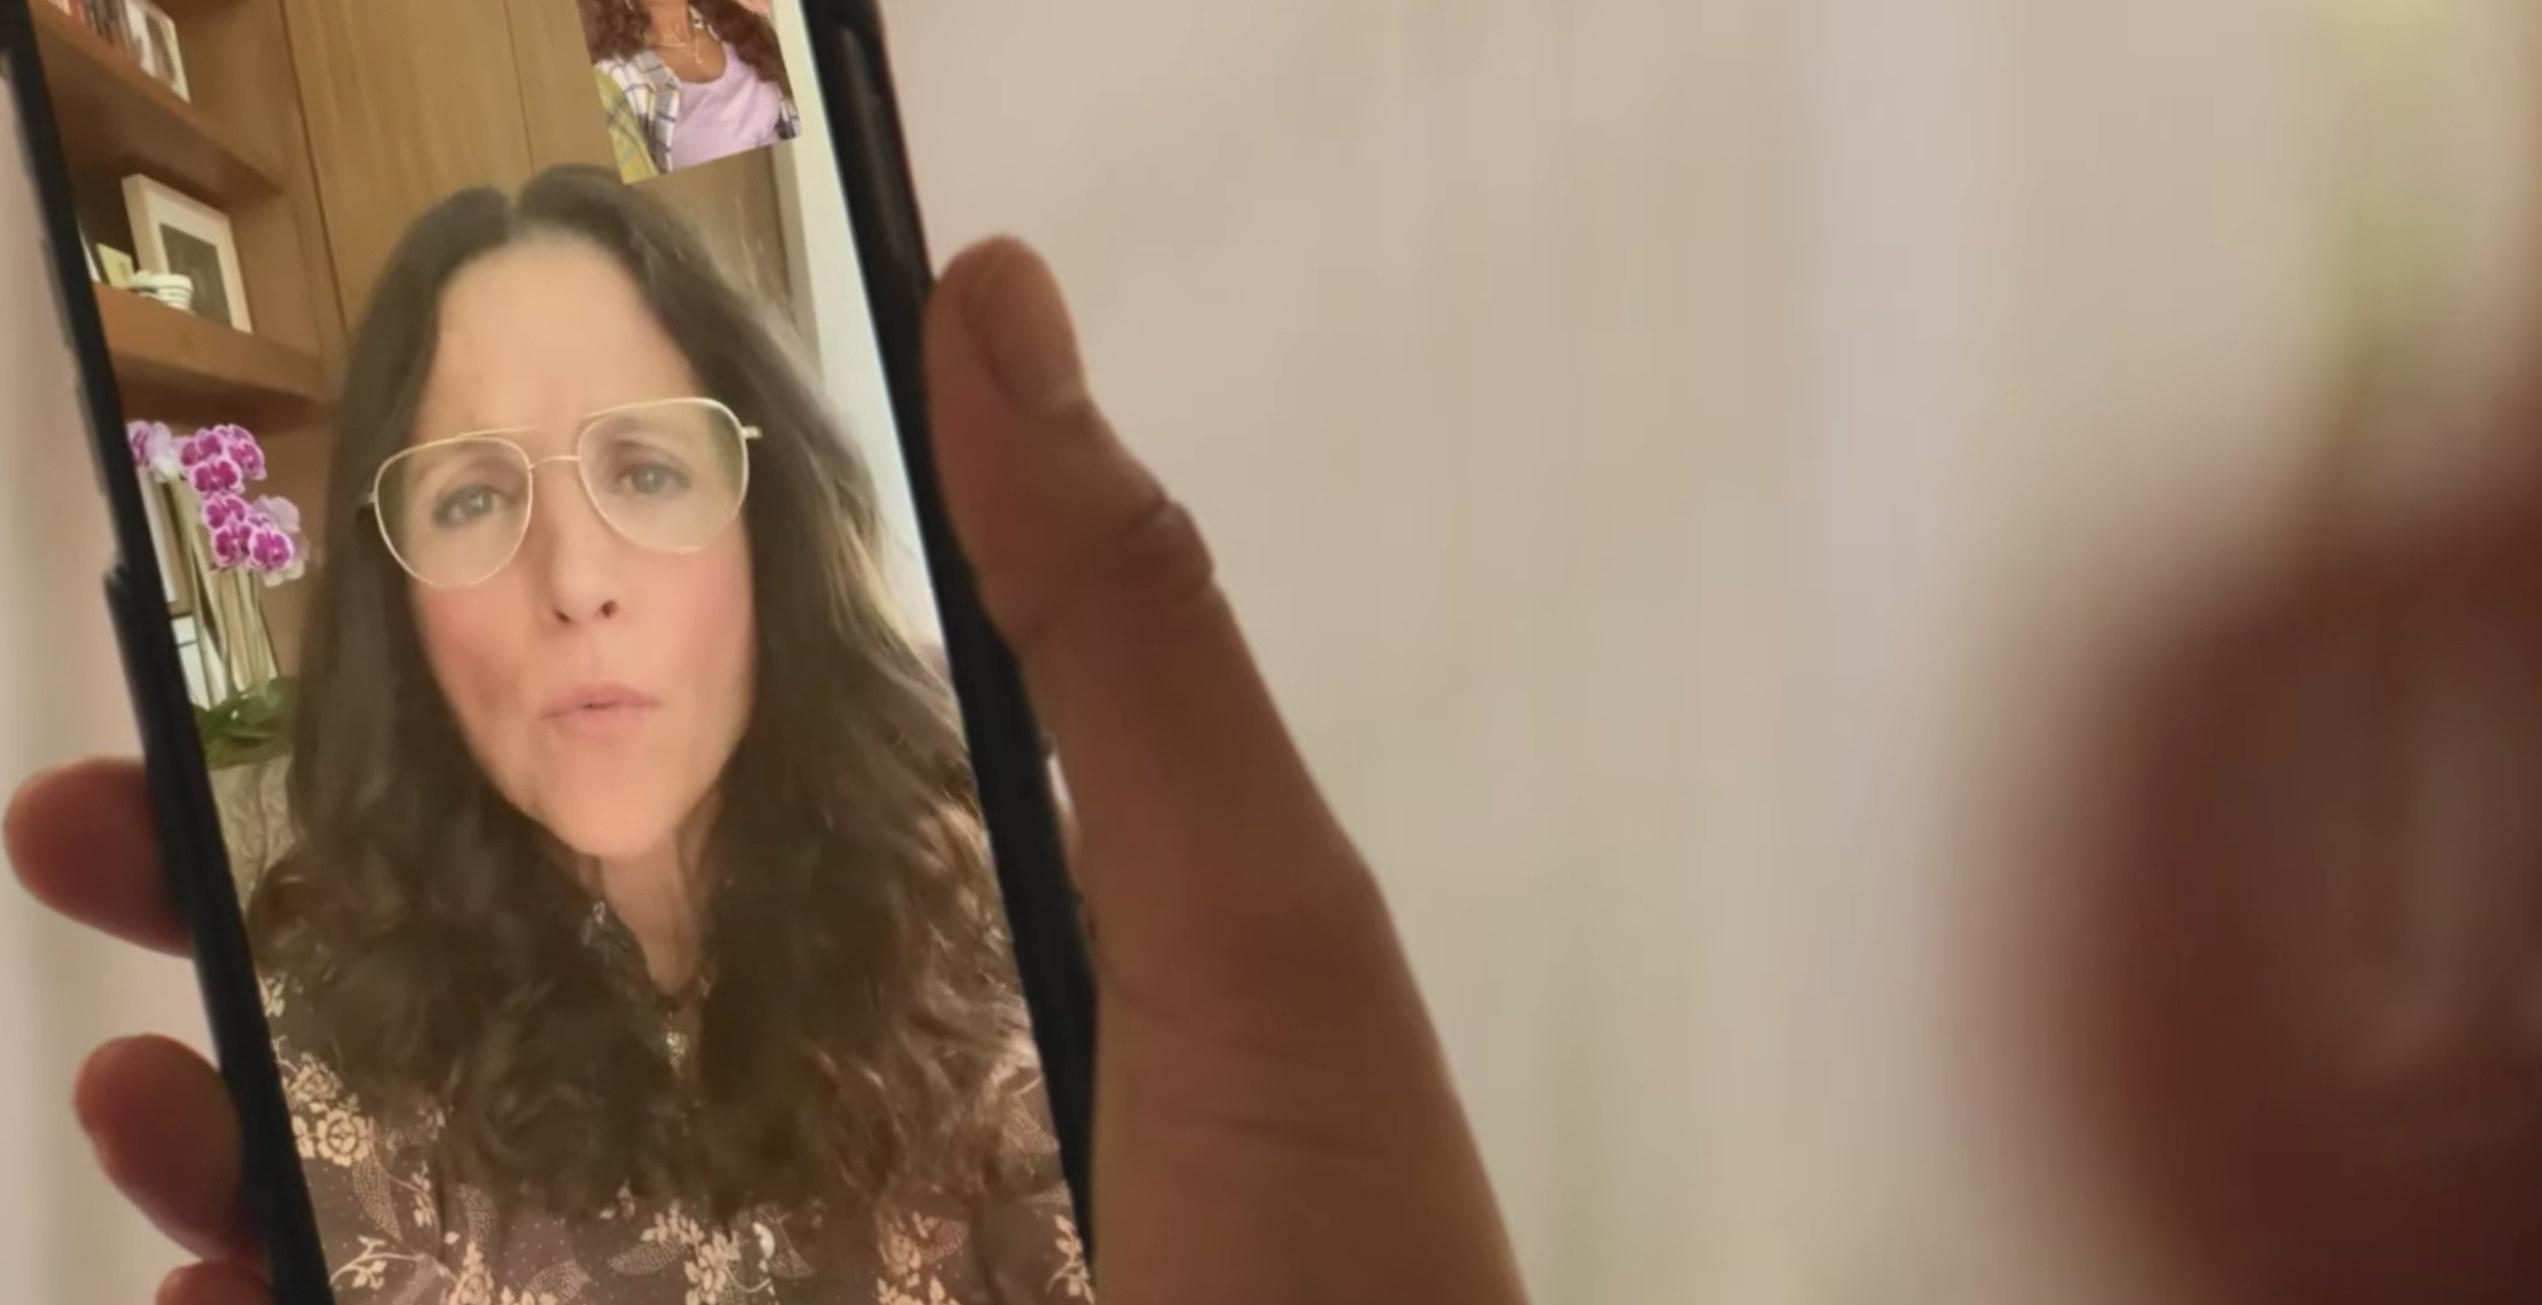 Keke on FaceTime with Julia